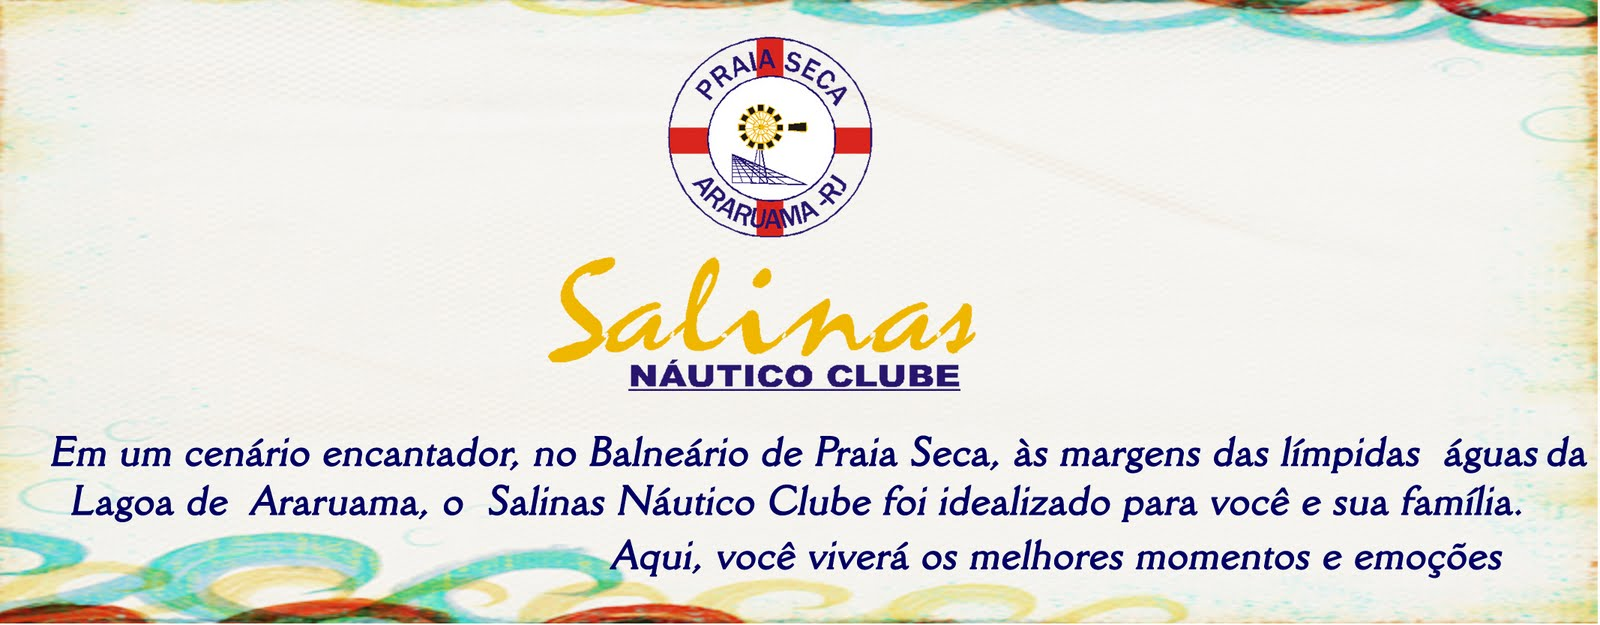 Salinas Náutico Clube